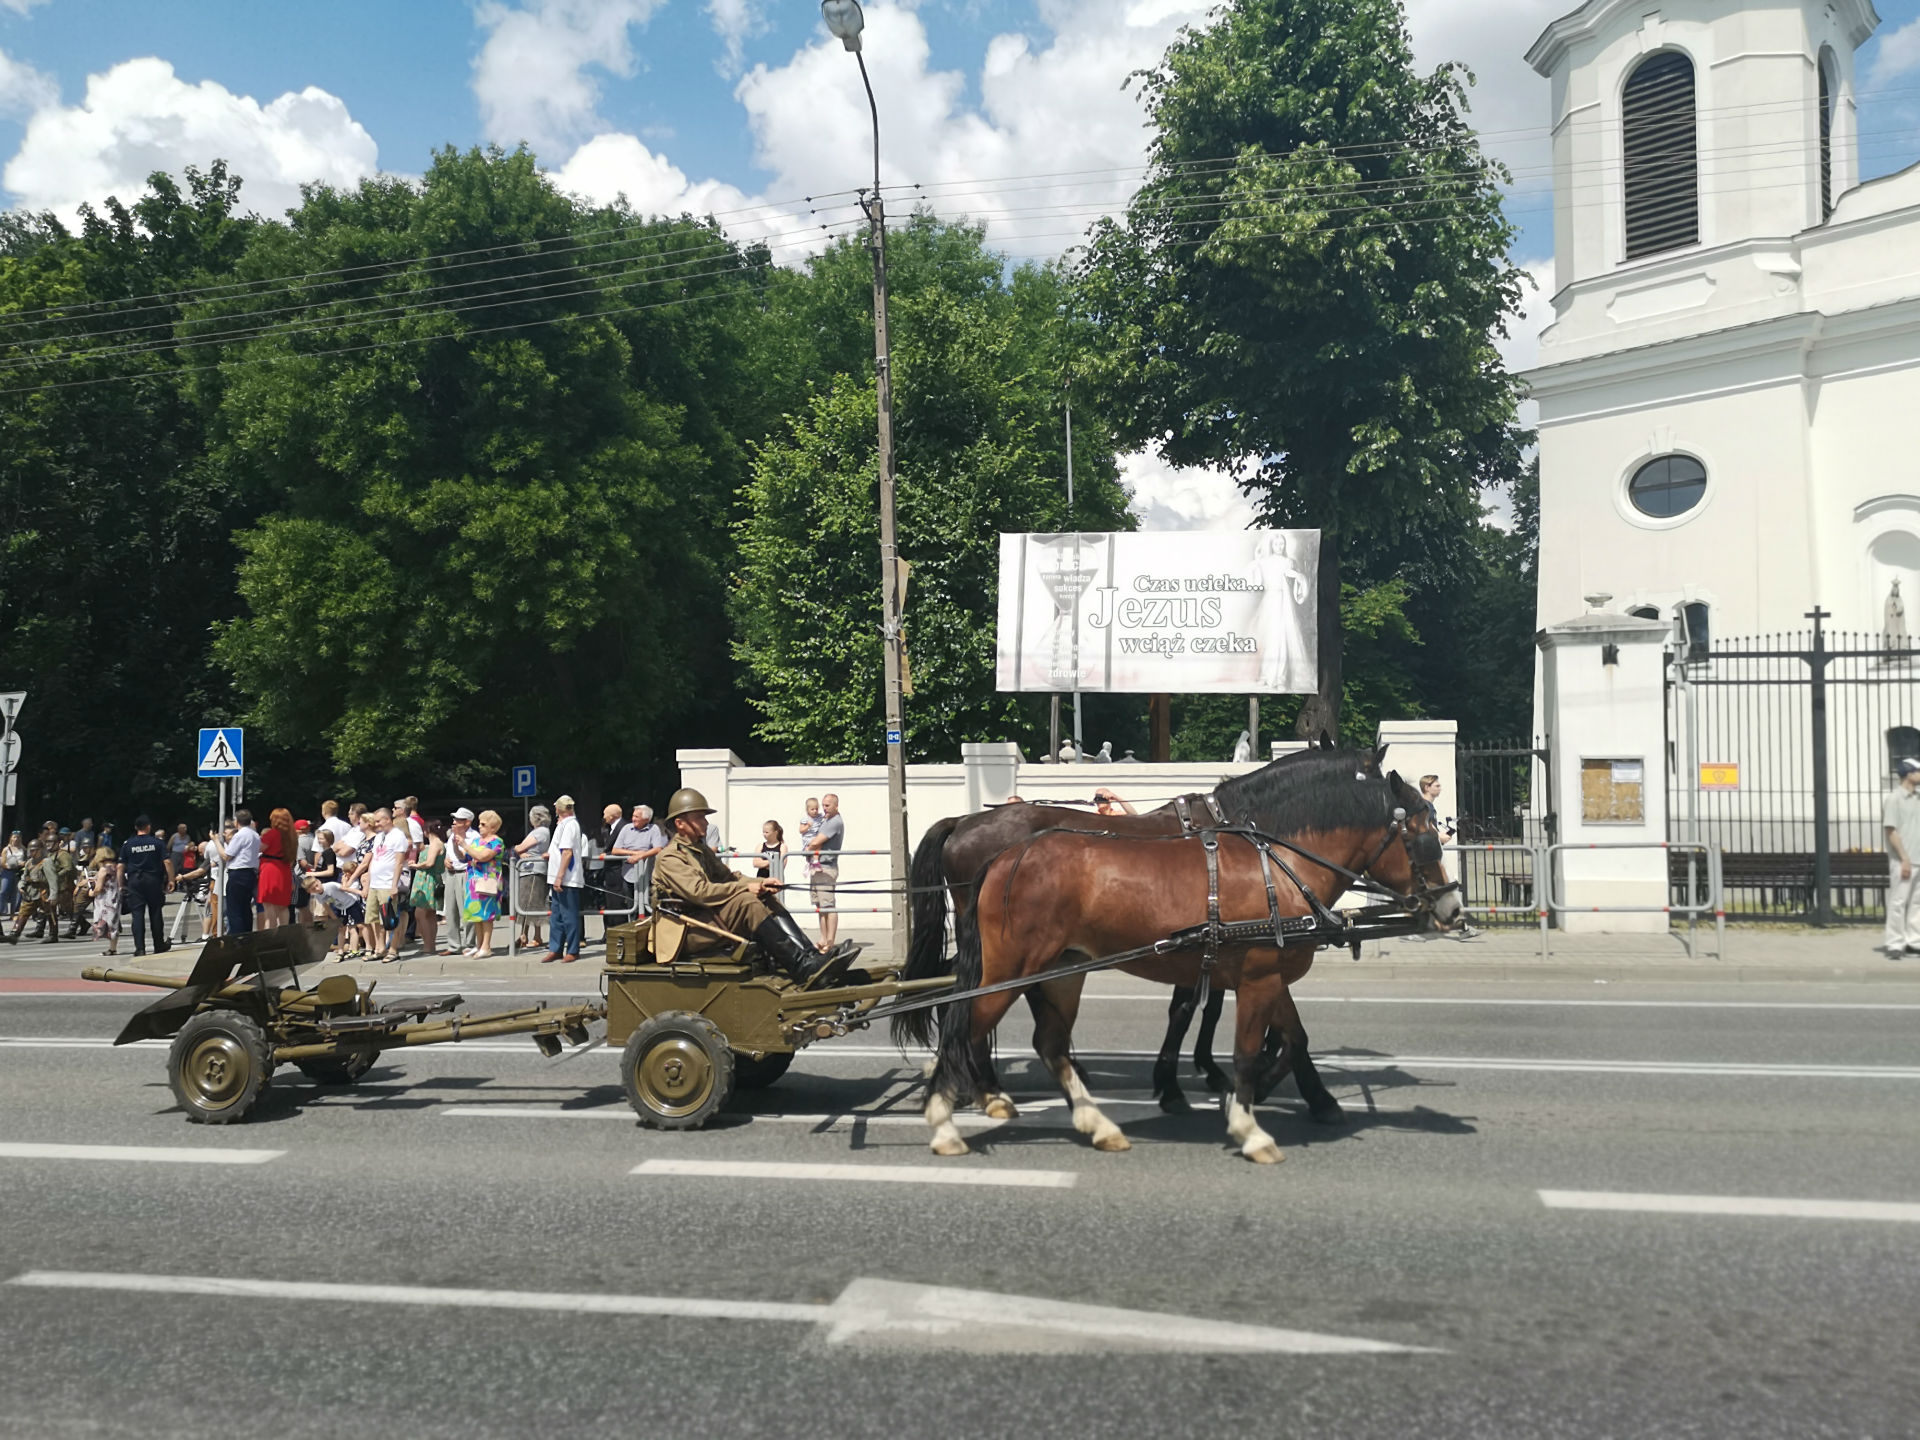 Parada z okazji obchodów 100-lecia przybycia 7 Pułku Ułanów Lubelskich do Mińska Mazowieckiego. Ulicą miasta jedzie żołnierz na specjalnym pojeździe do przewozu armaty ciągniętym przez dwa konie.